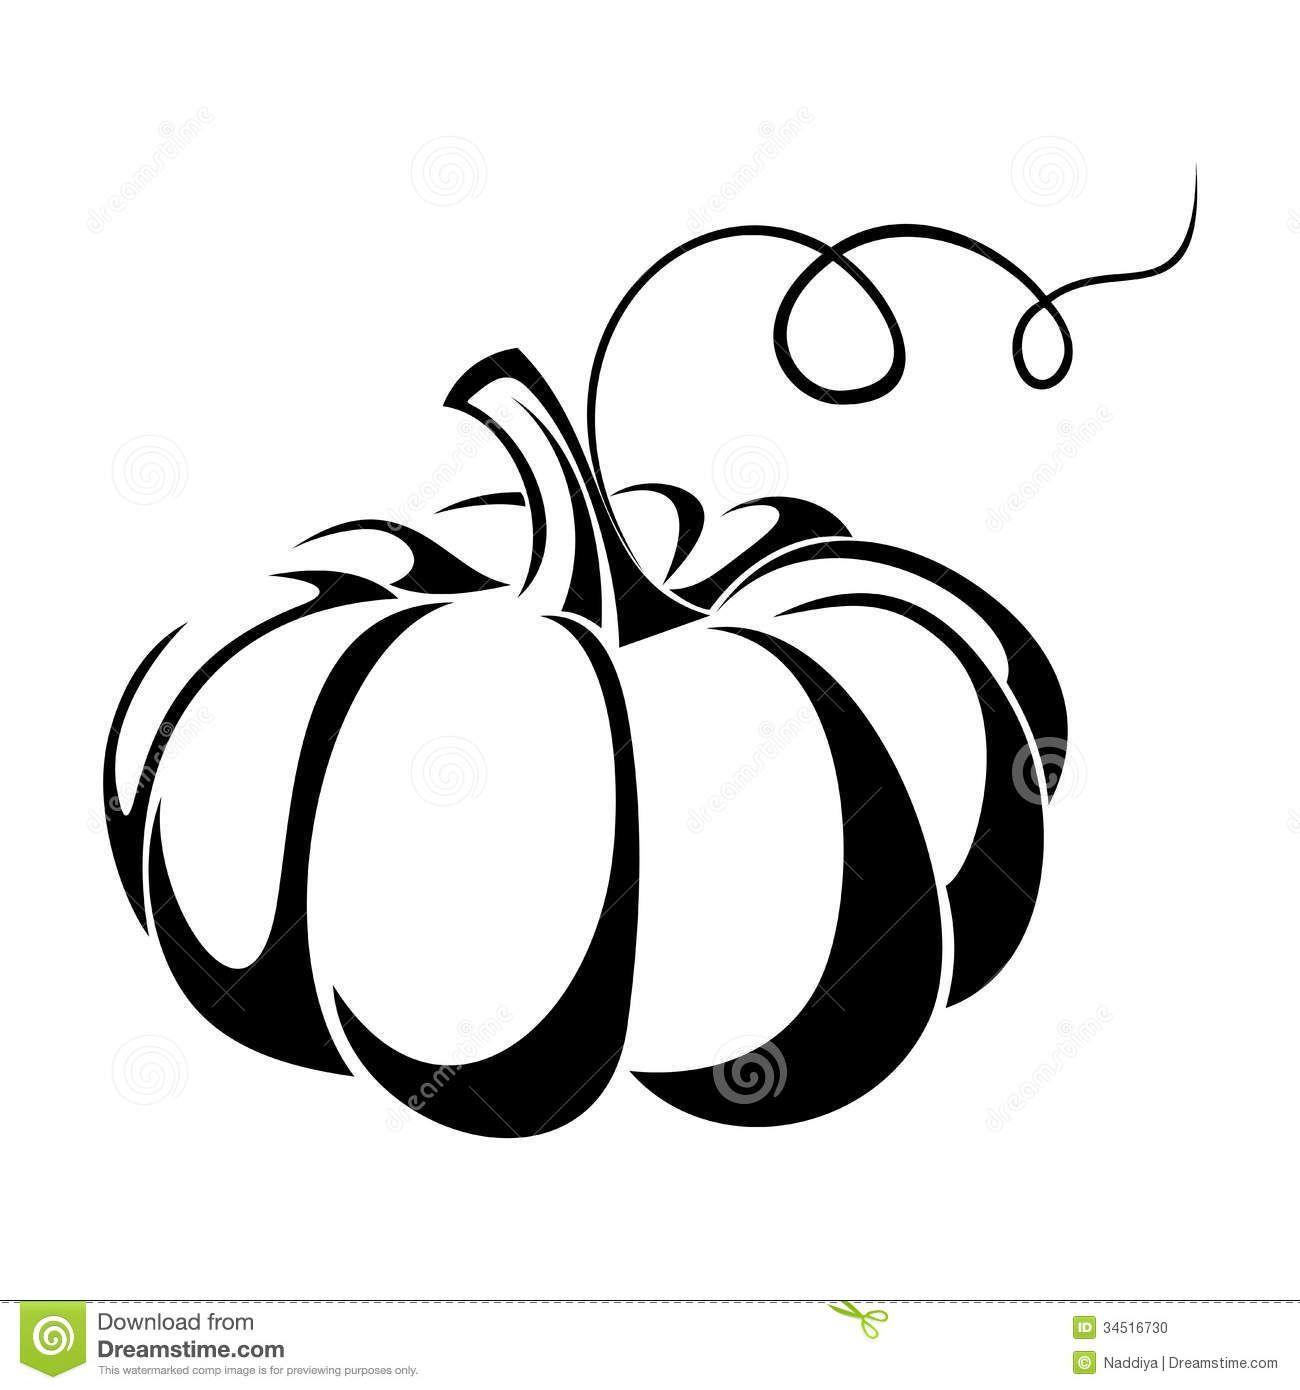 Pumpkin Silhouette Pumpkin Clipart Black And White Pumpkin Vector Cricut Creations